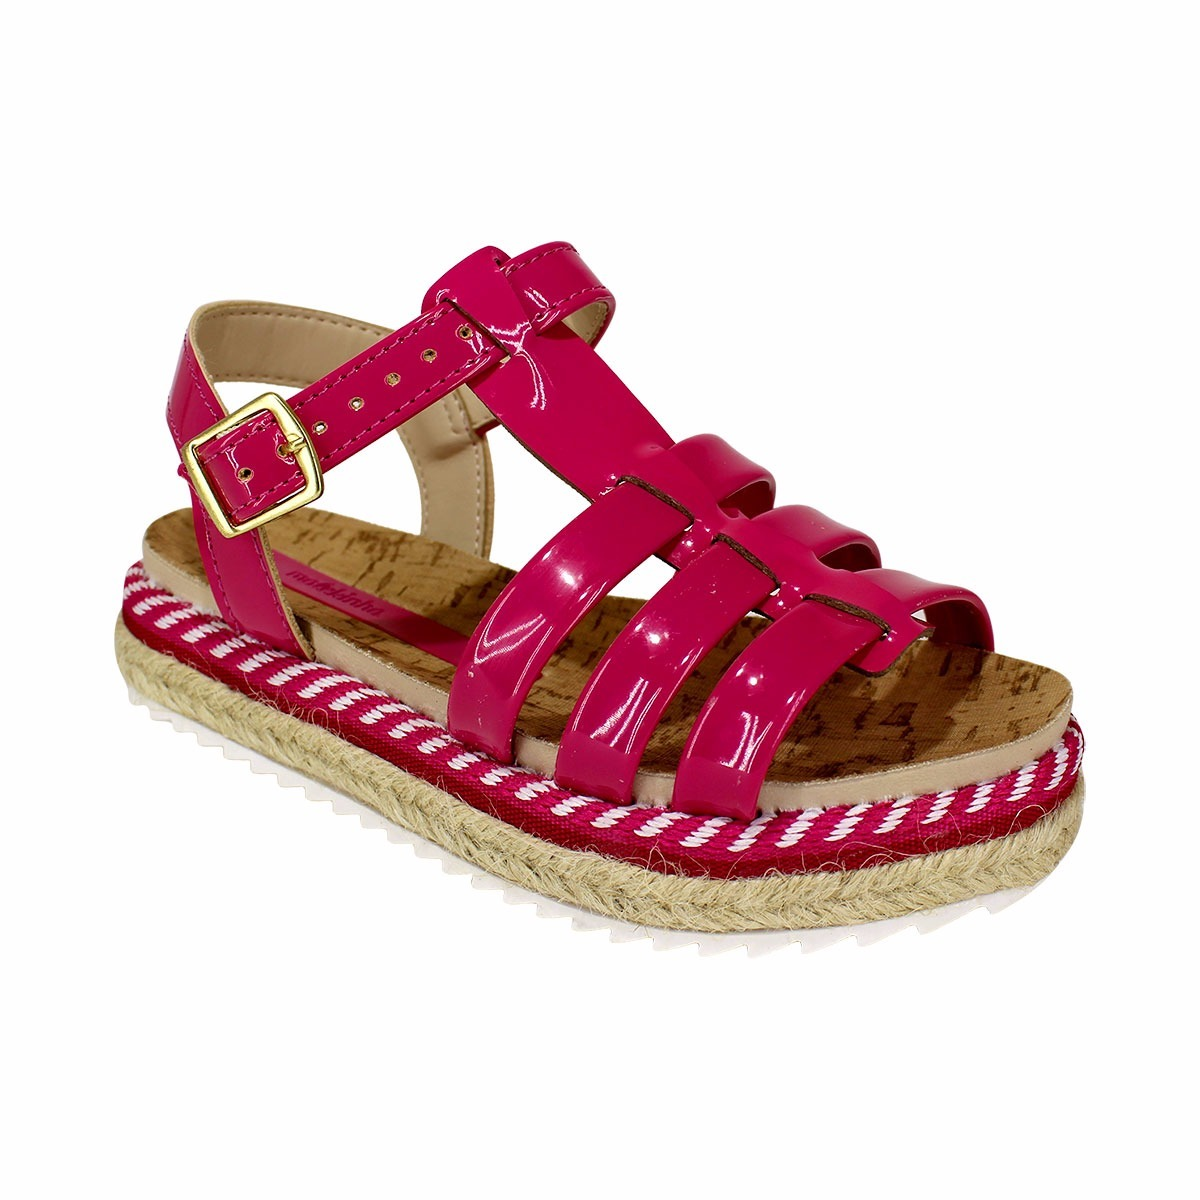 7faf3257a sandália molekinha verniz premium - pink - frete grátis. Carregando zoom.